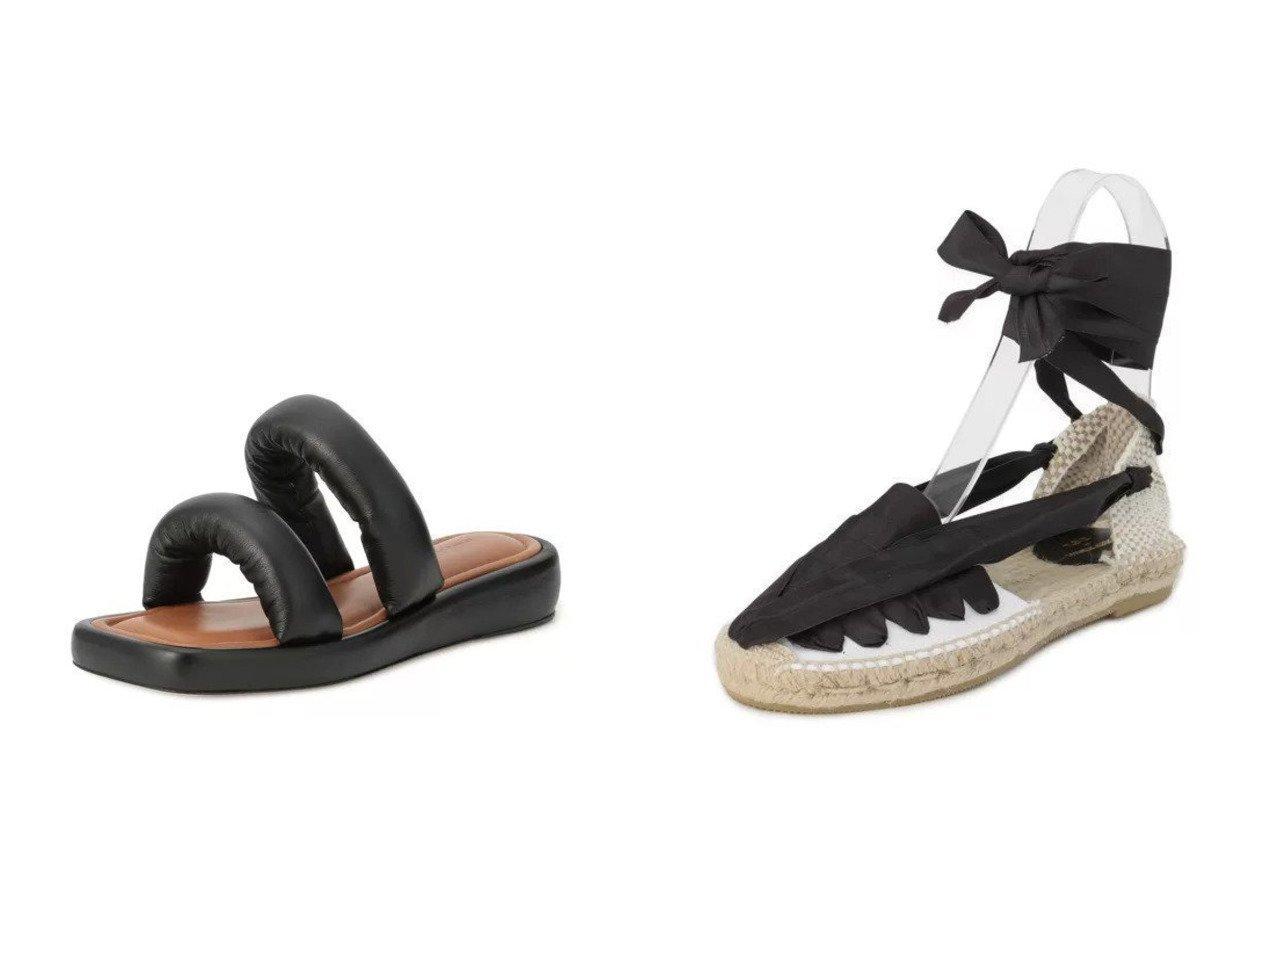 【REJINA PYO/レジーナピョウ】のBILLIE SANDALS 30mm&【YLEVE/イレーヴ】のLA MANUAL ALPARGATERA別注 エスパドリュー 【シューズ・靴】おすすめ!人気、トレンド・レディースファッションの通販  おすすめで人気の流行・トレンド、ファッションの通販商品 メンズファッション・キッズファッション・インテリア・家具・レディースファッション・服の通販 founy(ファニー) https://founy.com/ ファッション Fashion レディースファッション WOMEN 2021年 2021 2021春夏・S/S SS/Spring/Summer/2021 S/S・春夏 SS・Spring/Summer クッション サンダル シューズ フィット 別注 ラップ リゾート |ID:crp329100000034624